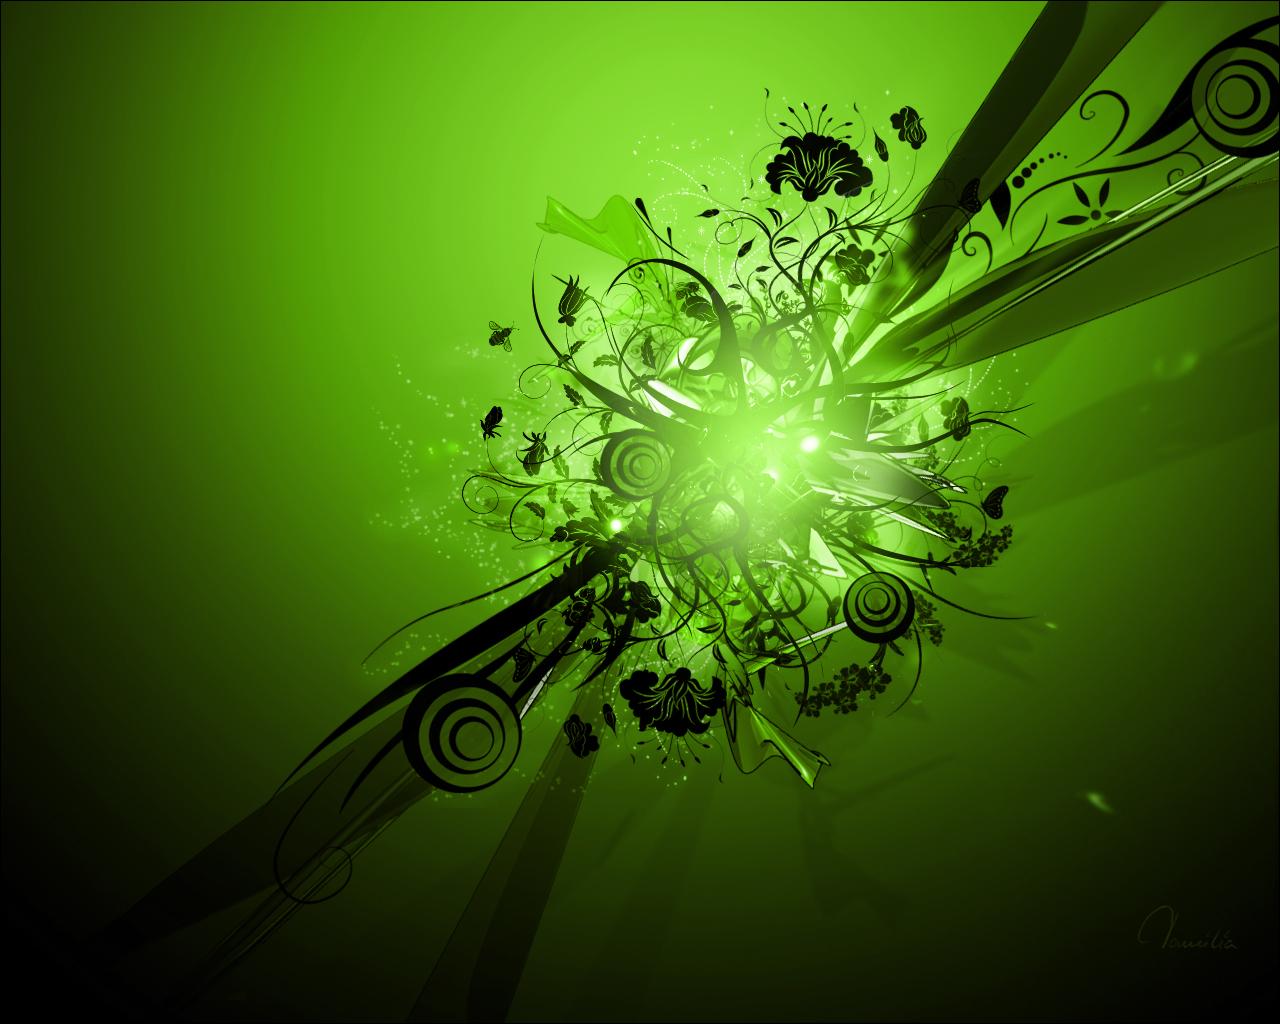 Best Green wallpaper HDComputer Wallpaper Wallpaper Downloads 1280x1024